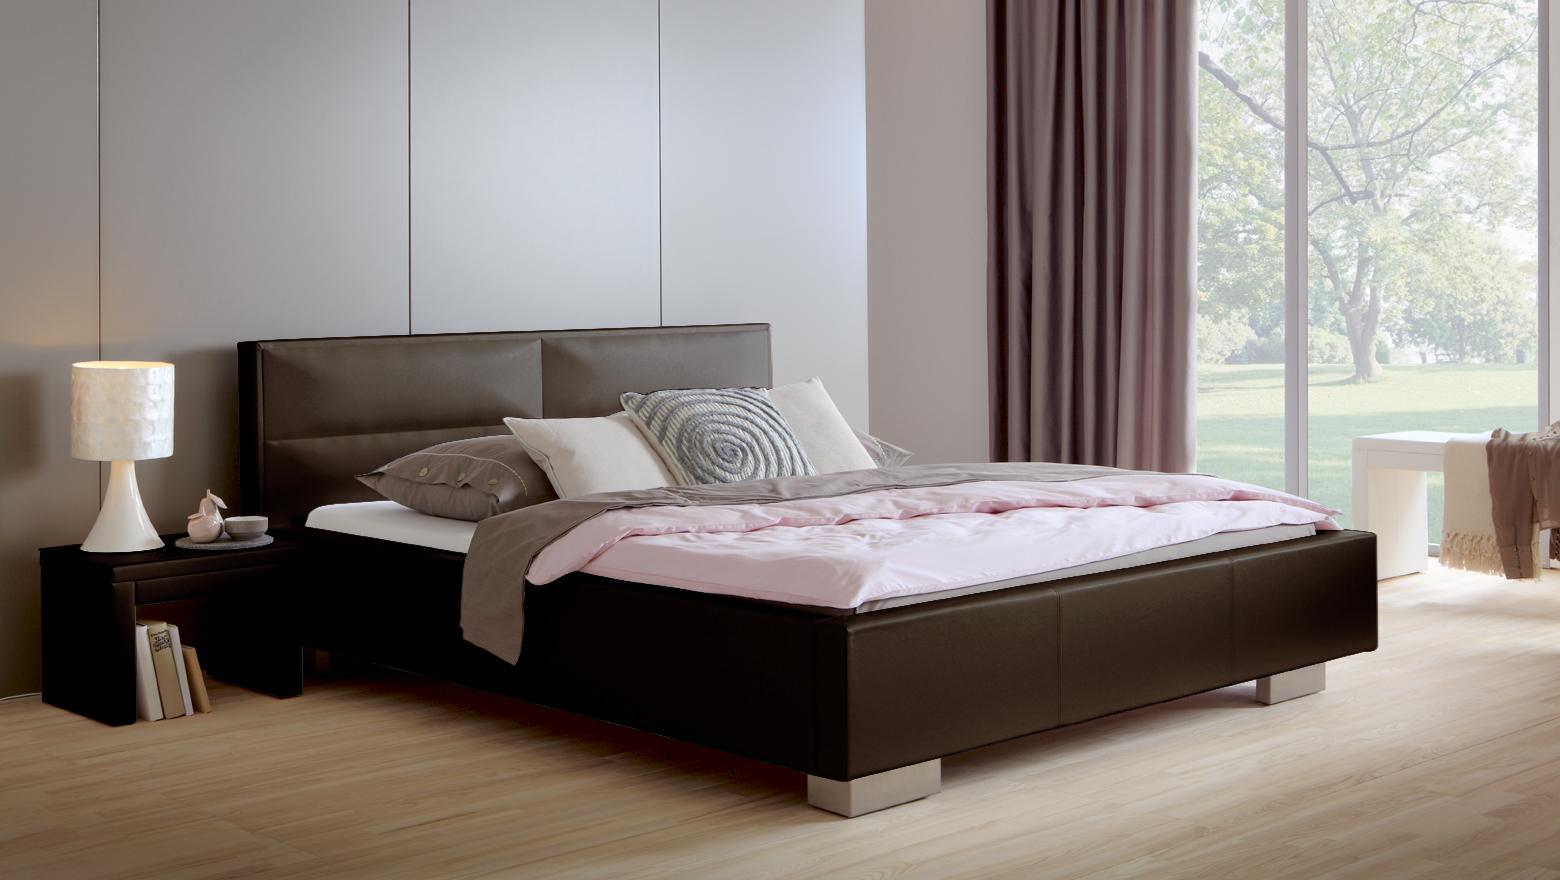 schlafzimmer deko braun ~ interieurs inspiration, Wohnzimmer dekoo